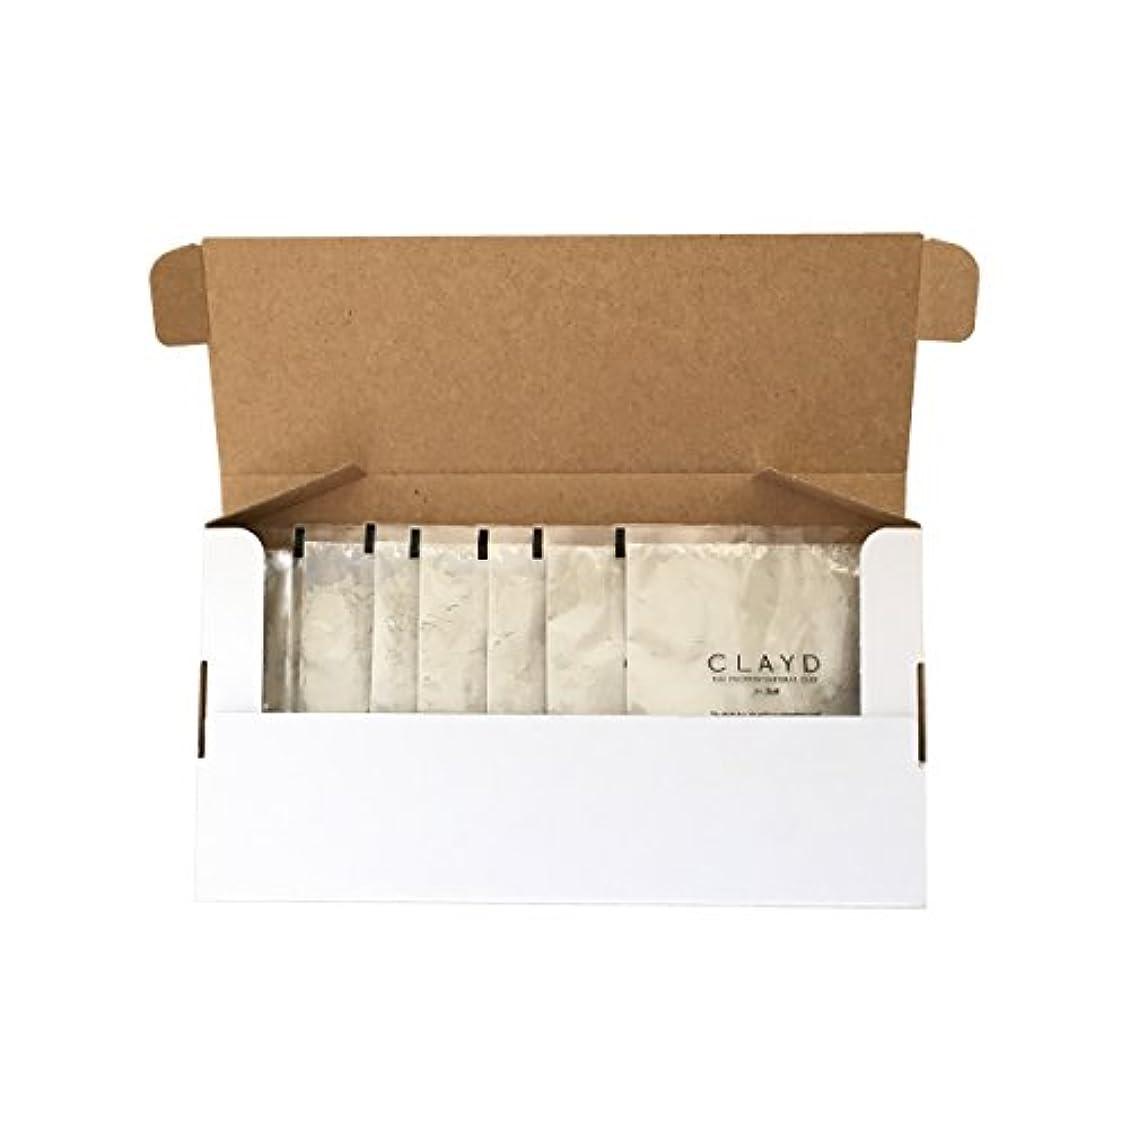 休憩開発対処するCLAYD for Bath(クレイドフォーバス)ONE WEEK TRIAL(30g×7袋)